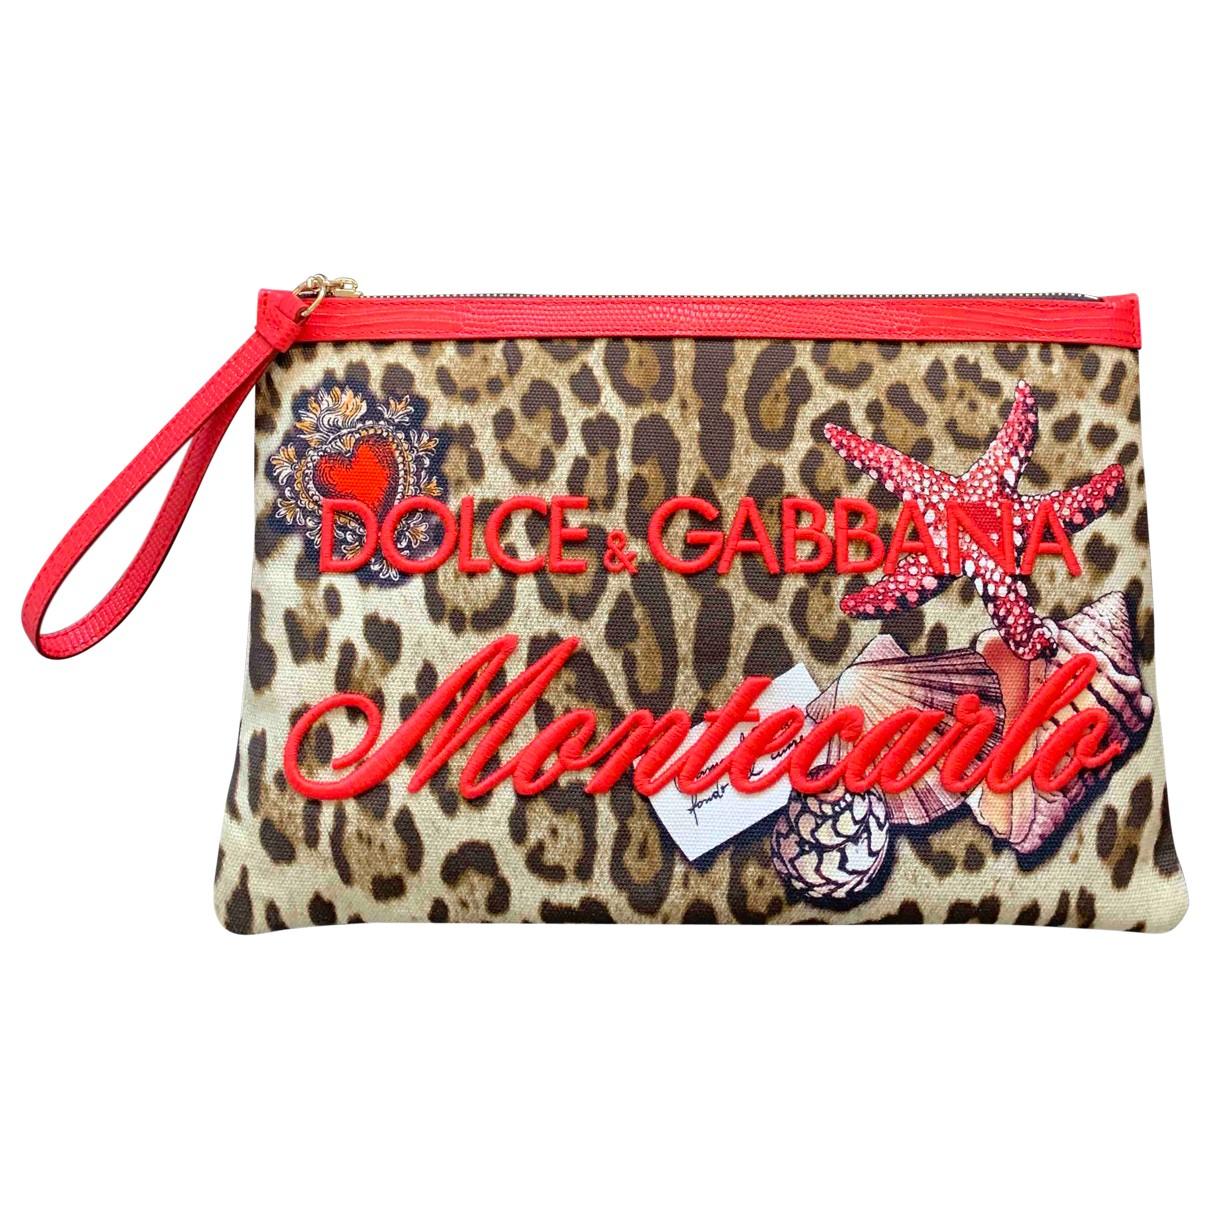 Dolce & Gabbana - Pochette   pour femme en coton - marron